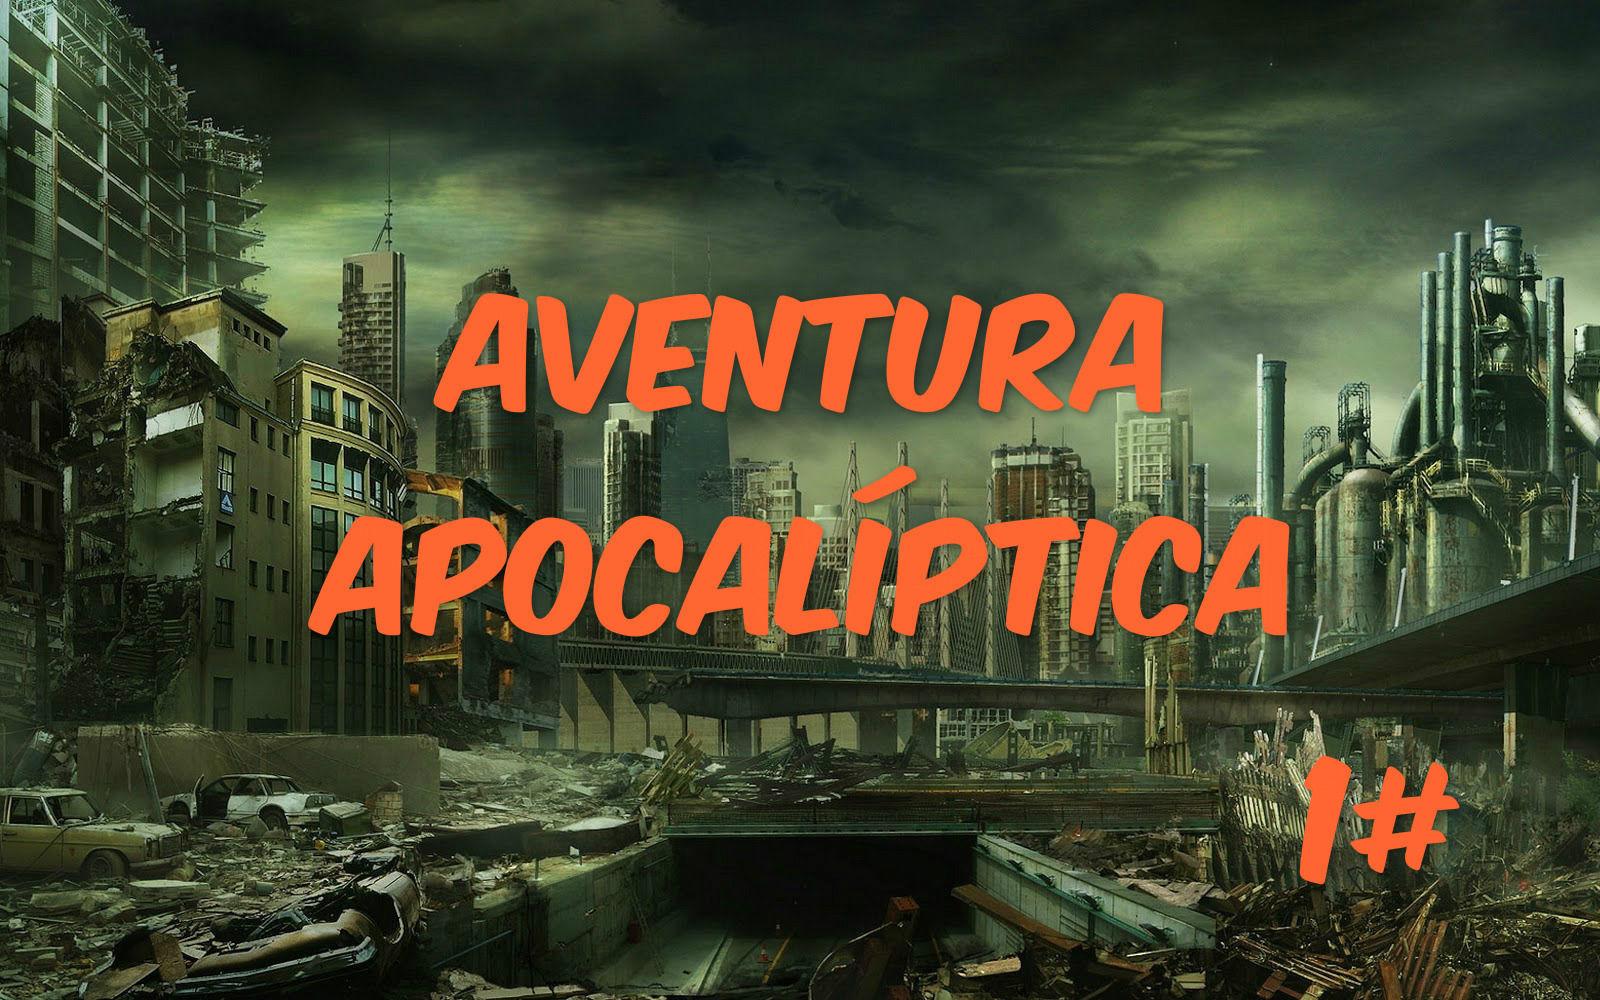 4728 - ¿Sobrevivirías a un apocalipsis? 1# (Versión aventura)